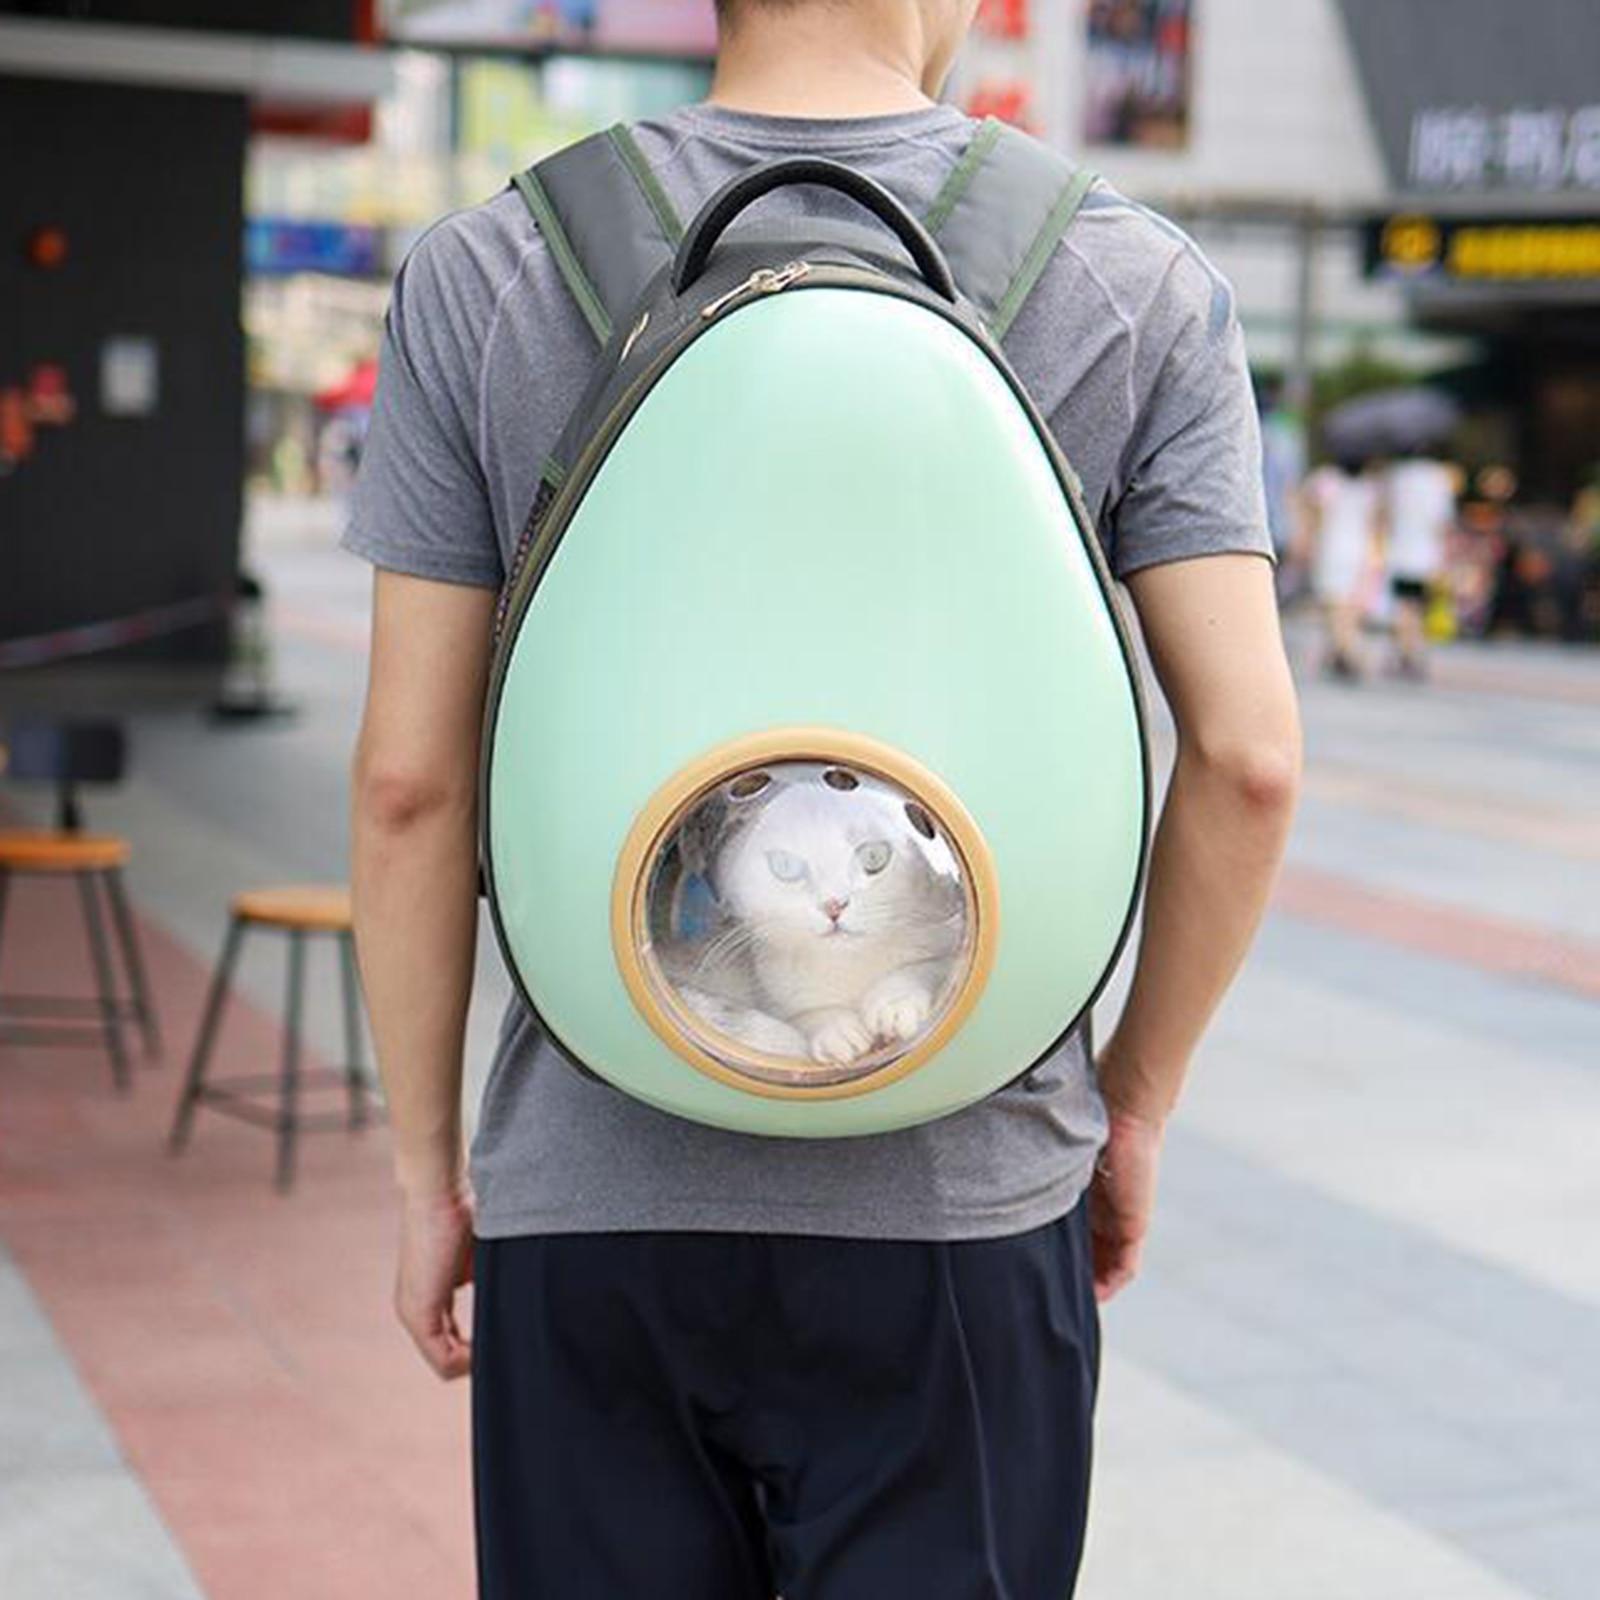 Filhote de Cachorro Portátil Transportadora Mochila Espaço Cápsula Gato Respirável Bolsa Pet